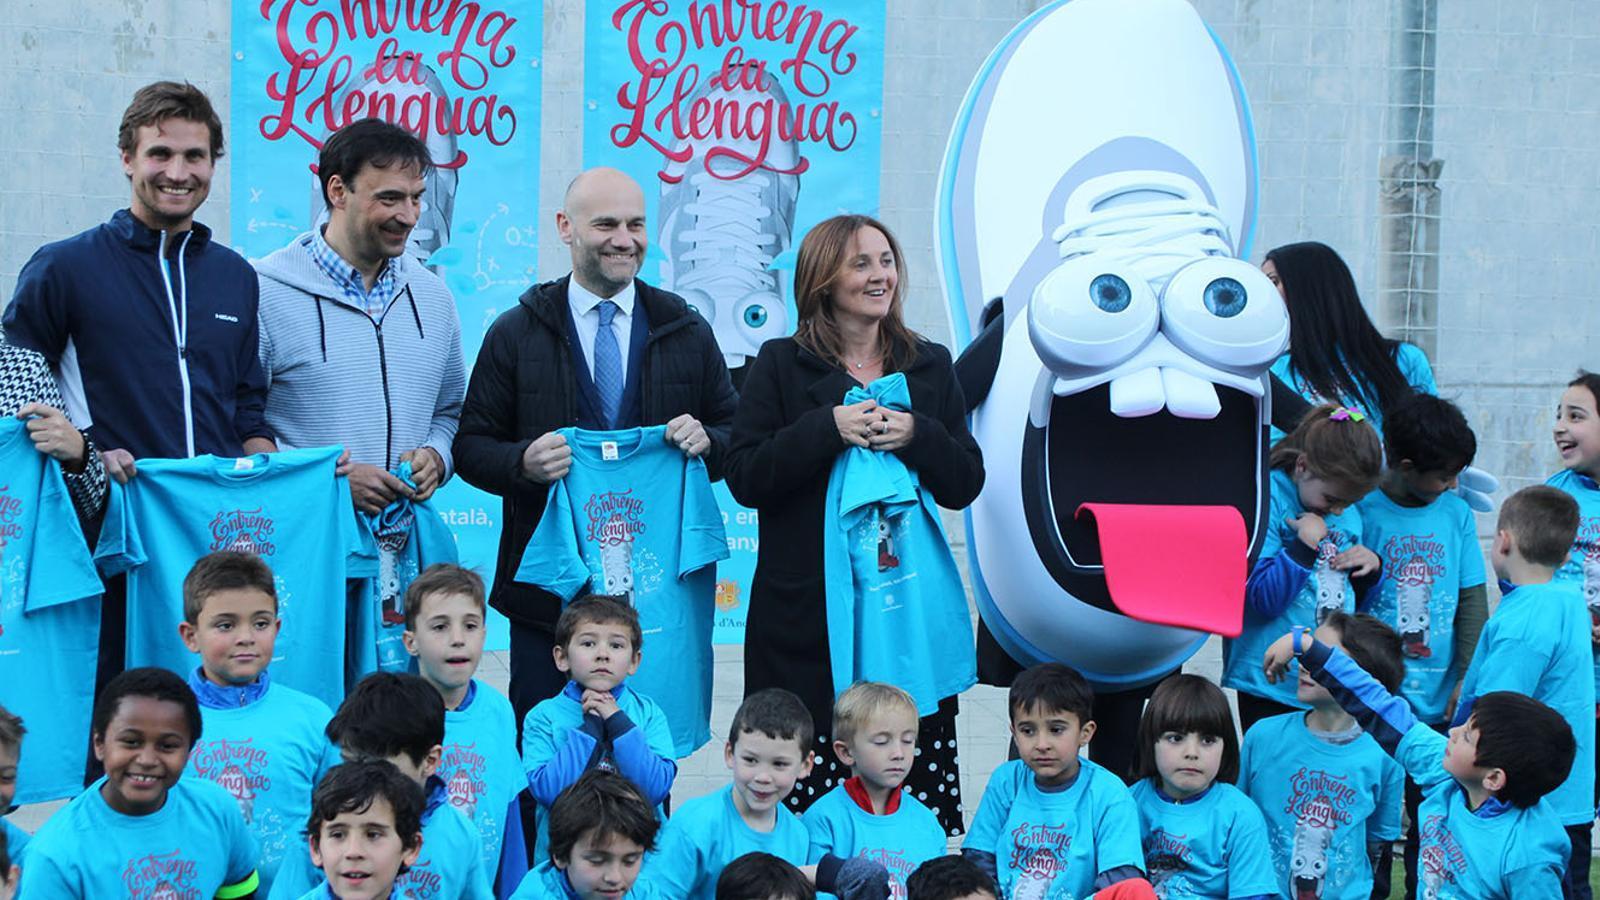 Un moment de la presentació de la campanya 'Entrena la llengua' al Prat del Roure d'Escaldes-Engordany. / B. N.